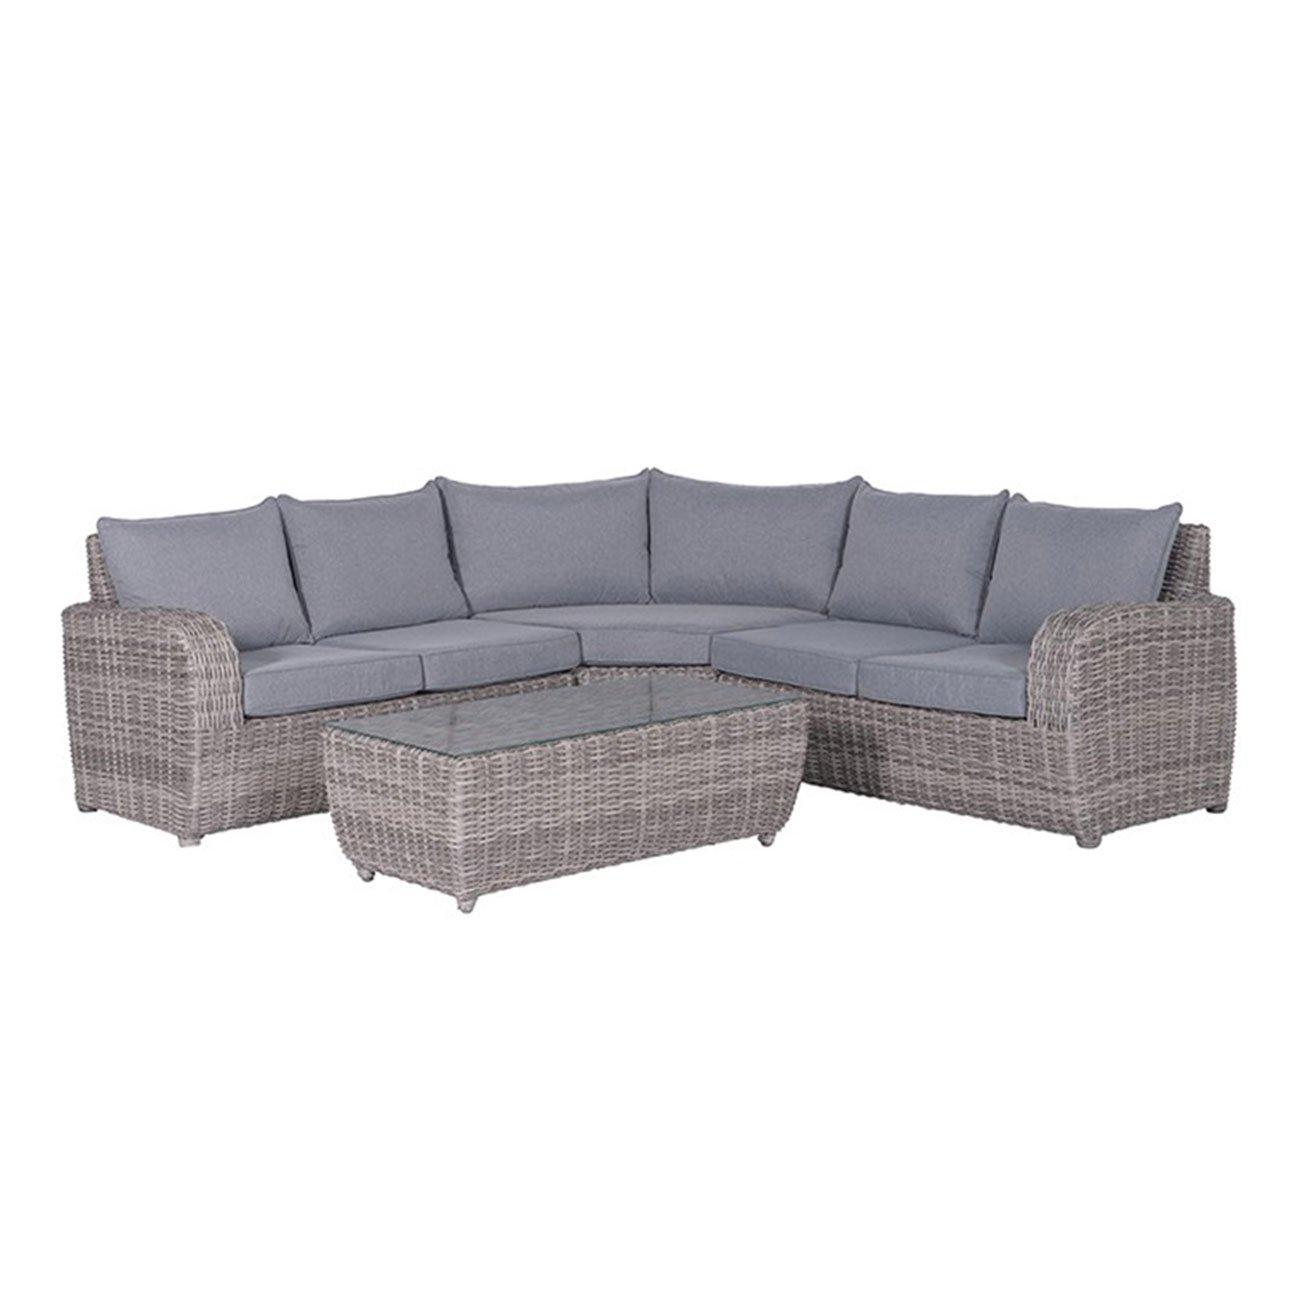 Gartenlounge OUTLIV. Buffalo Loungeset 4-tlg Geflecht Organic-Grey 700016-794610